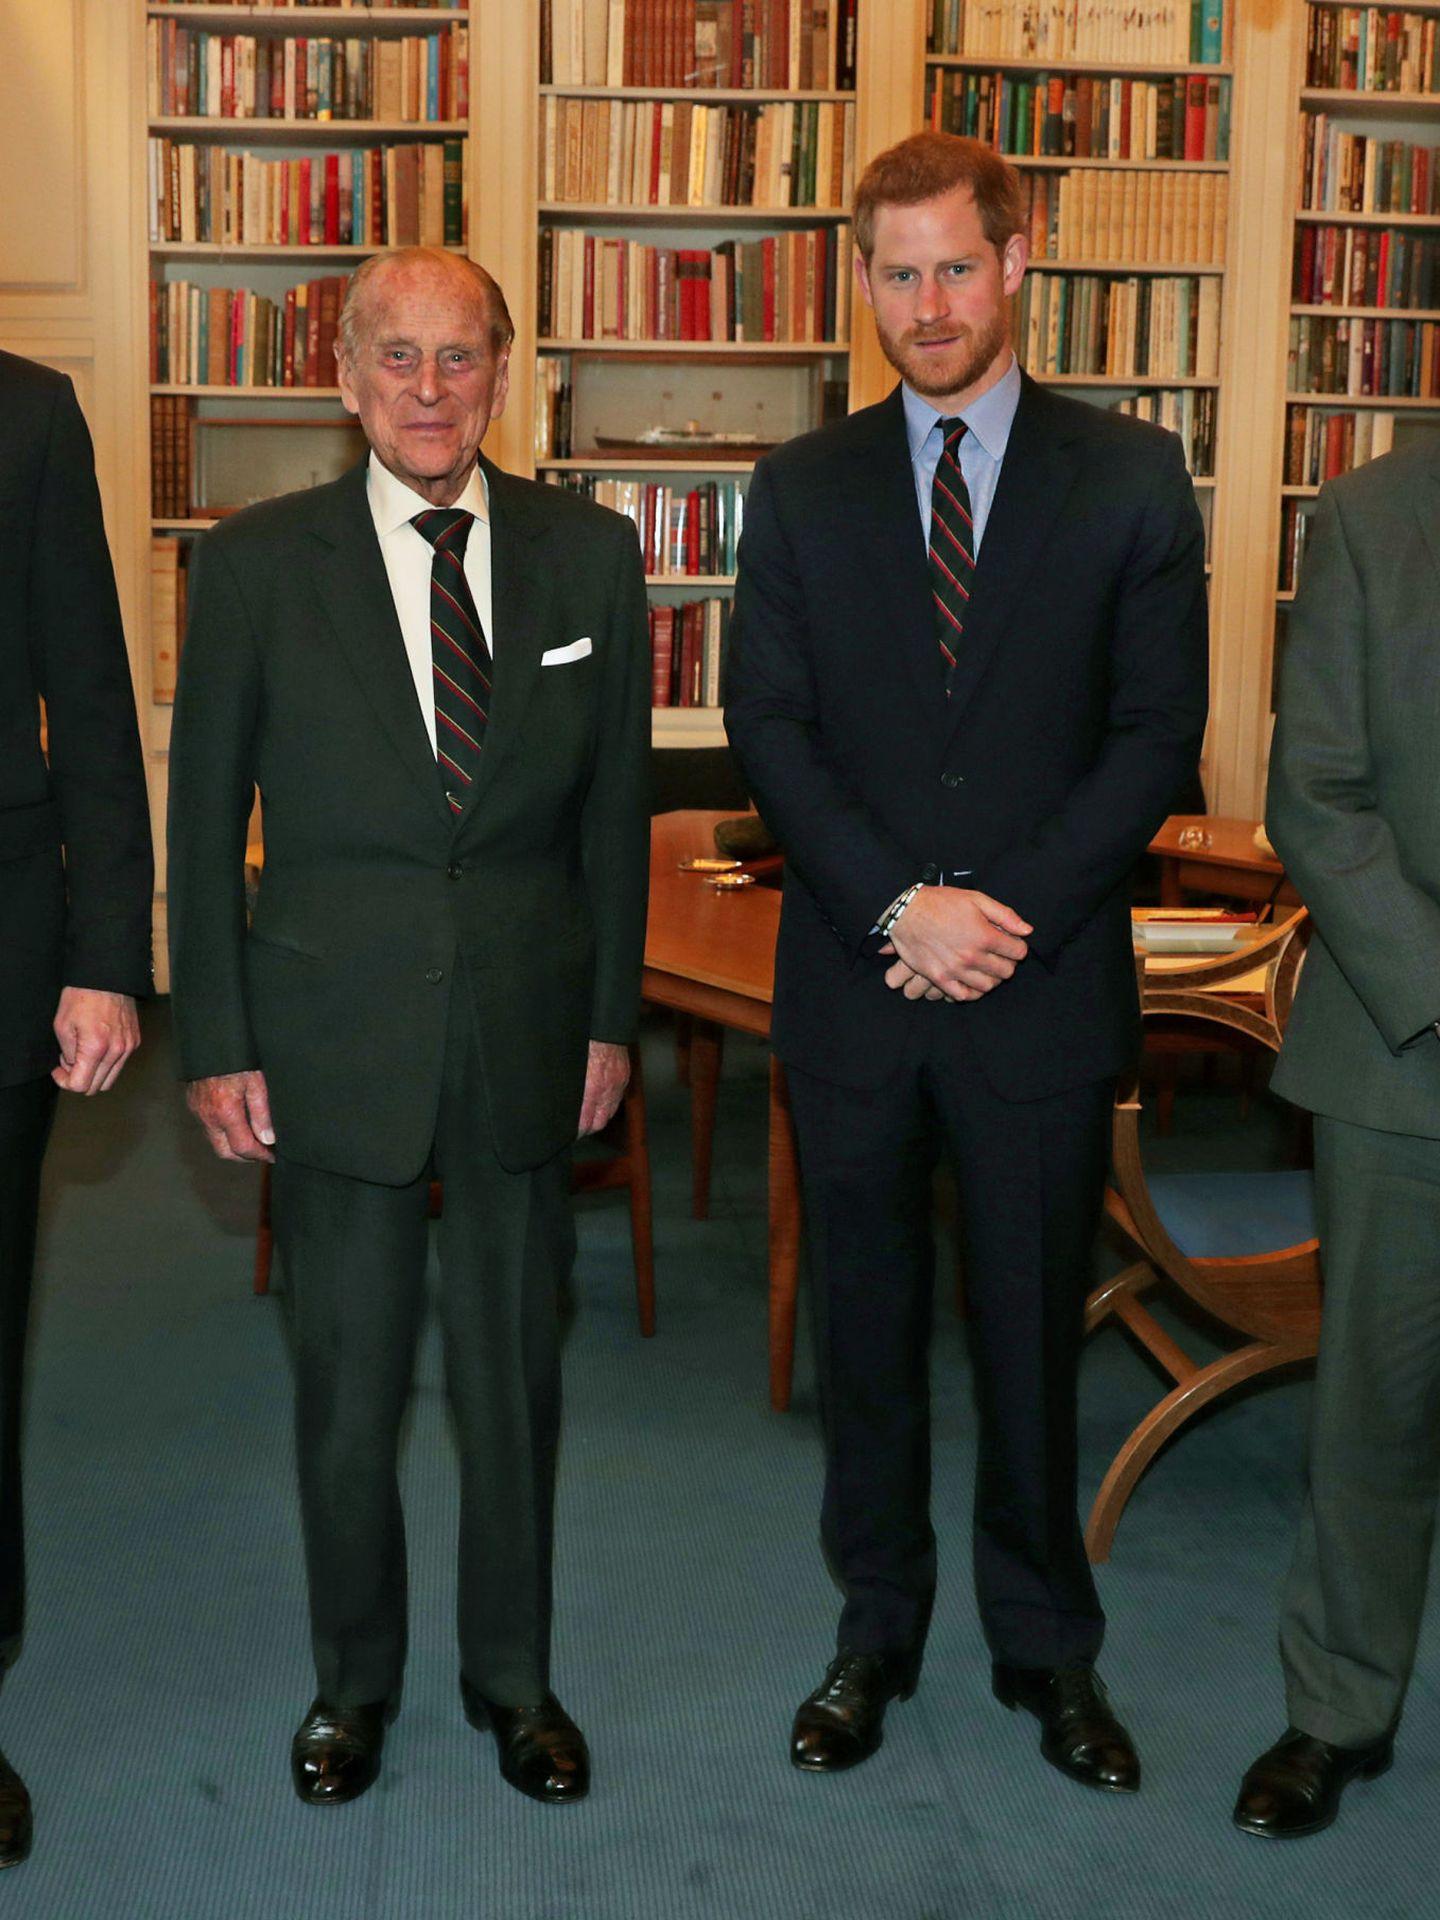 El príncipe Harry y el duque de Edimburgo, en una imagen de archivo. (Reuters)